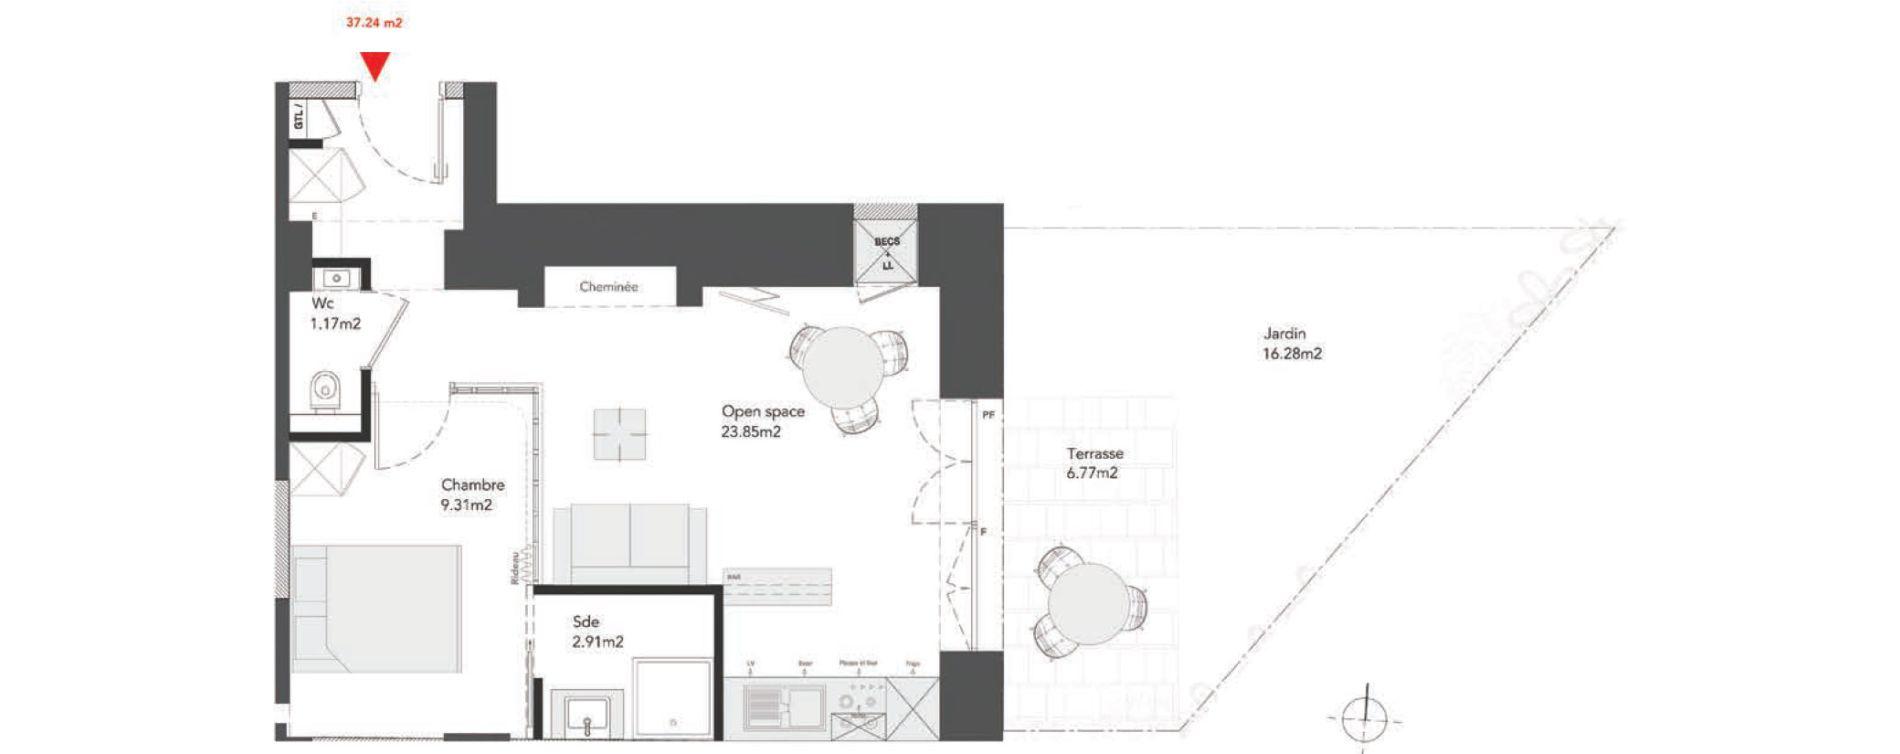 Appartement T2 de 37,24 m2 à Dinard Centre